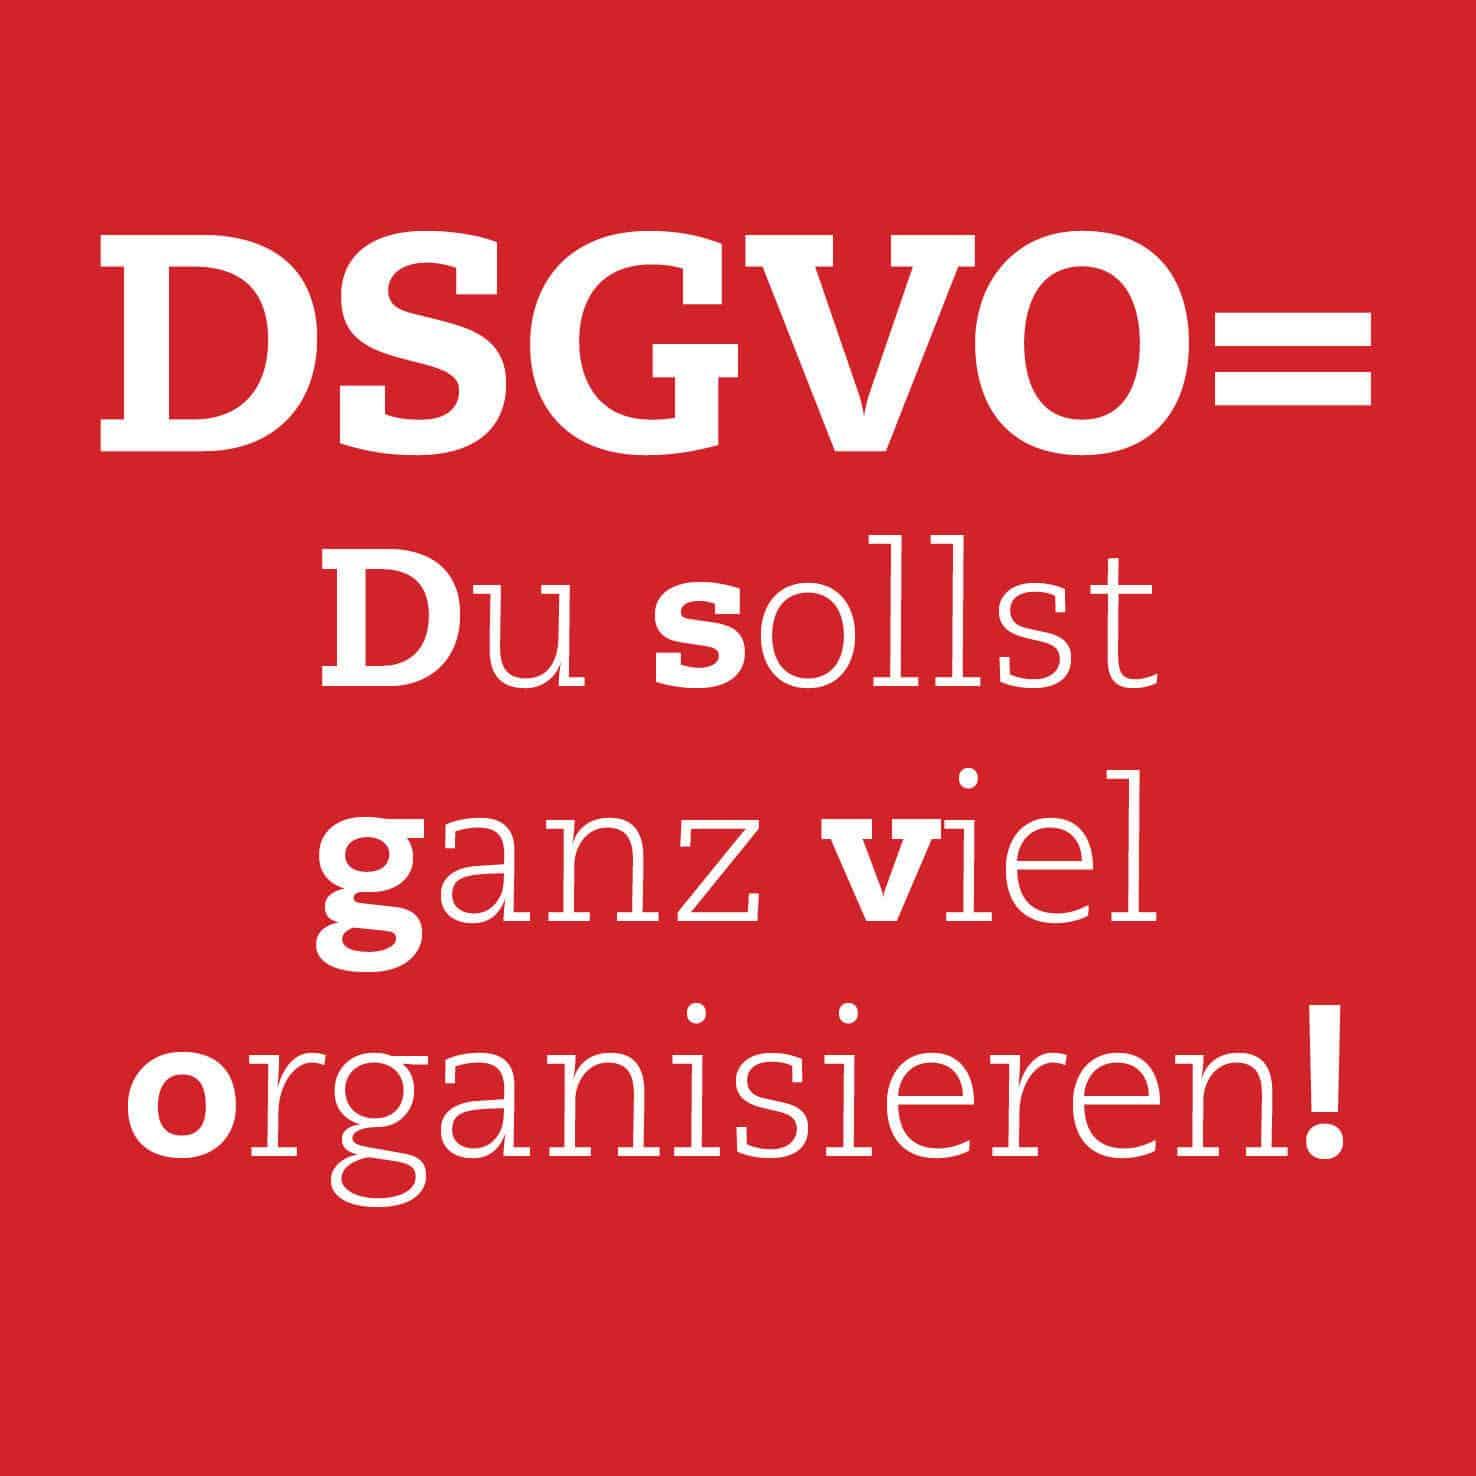 DSGVO Du sollst ganz viel organisieren